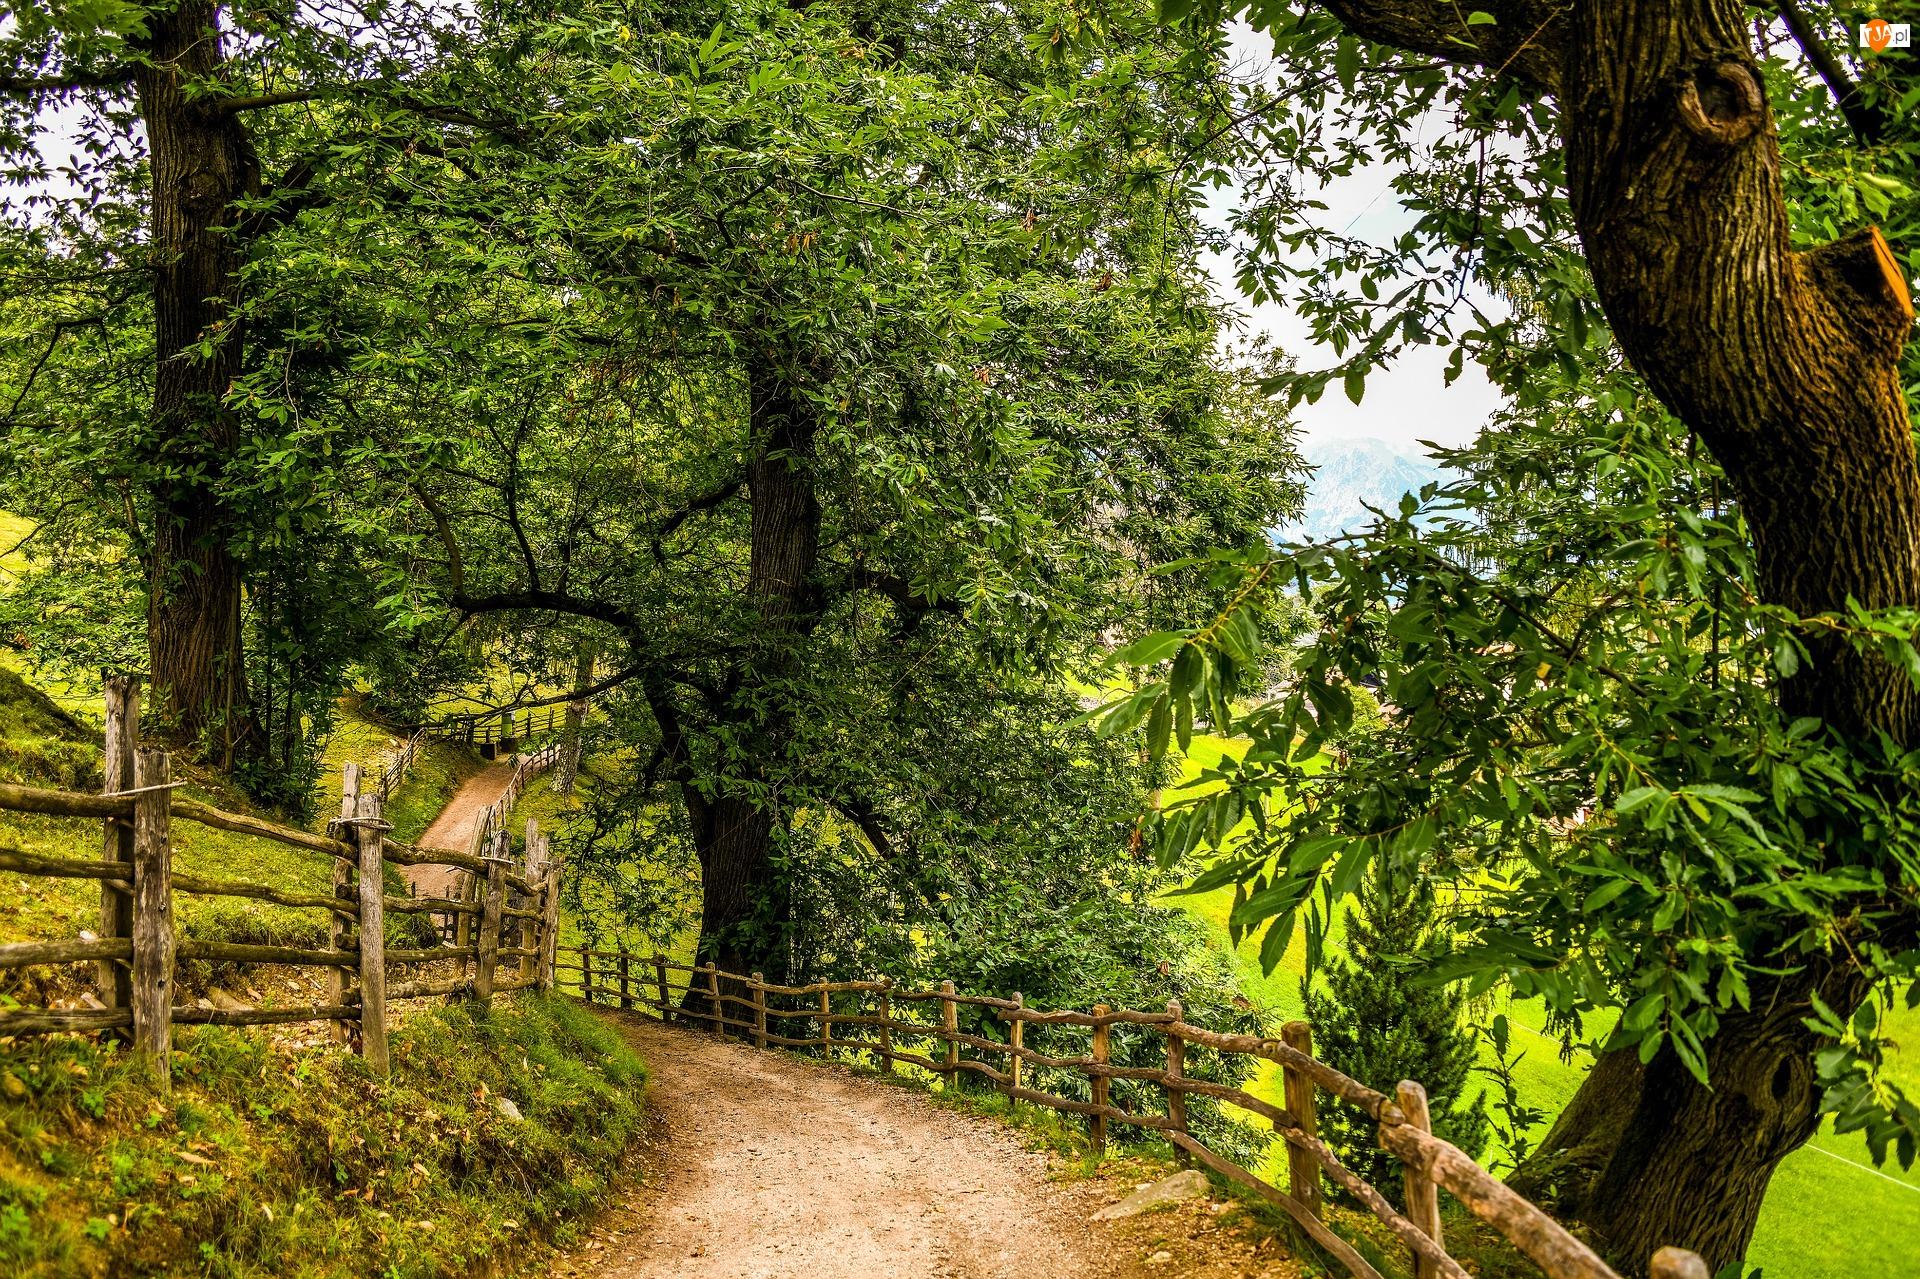 Drzewa, Zielone, Płot, Lato, Droga, Ogrodzenie